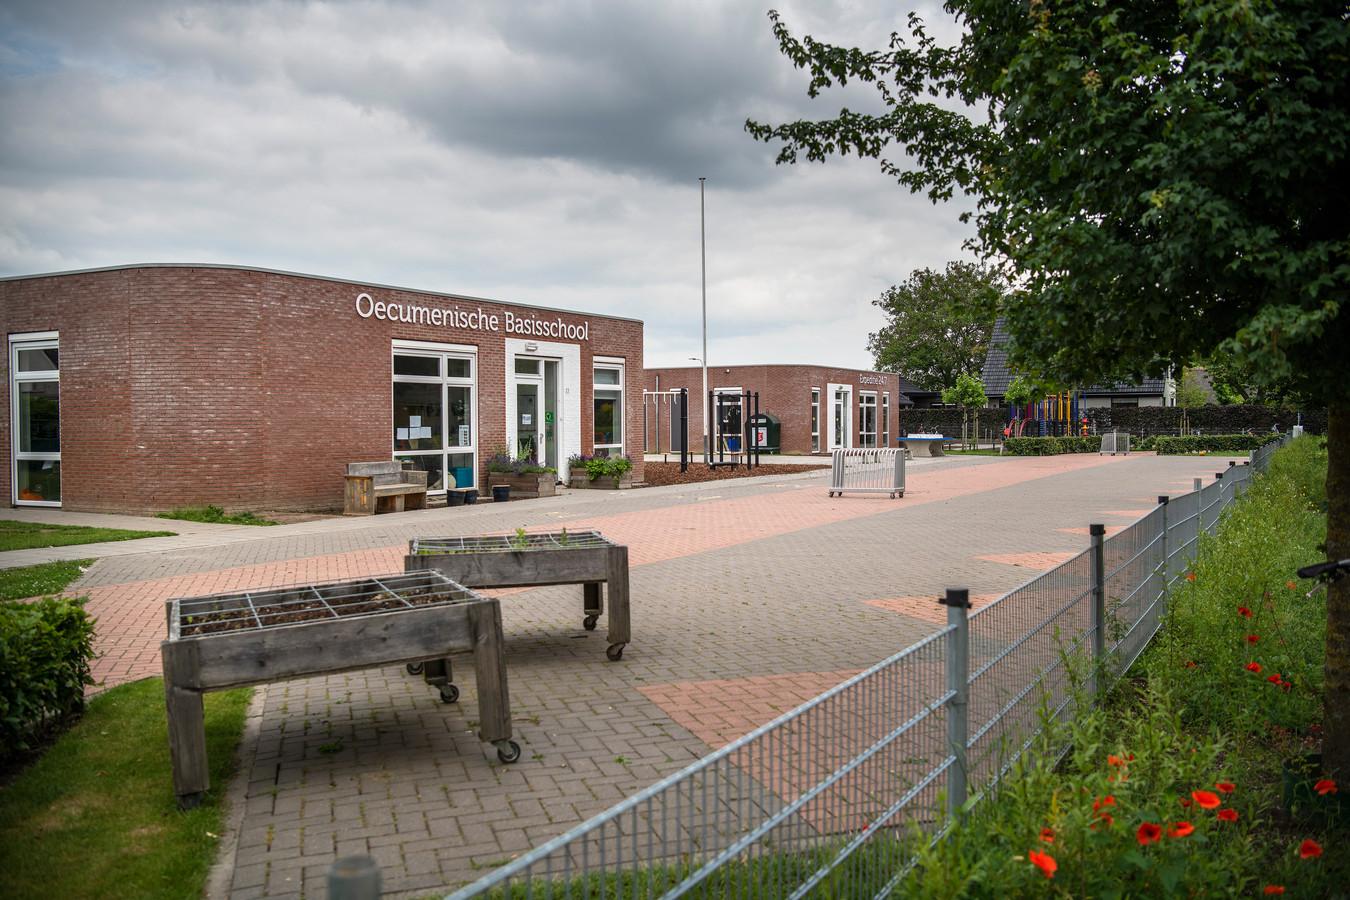 Basisschool Expeditie 24/7 staat naast de Oecumenische Basisschool in Brummen. Ze delen samen het gebouw. De Oecumenische School heeft al toegezegd veel leerlingen van Expeditie 24/7 over te nemen.